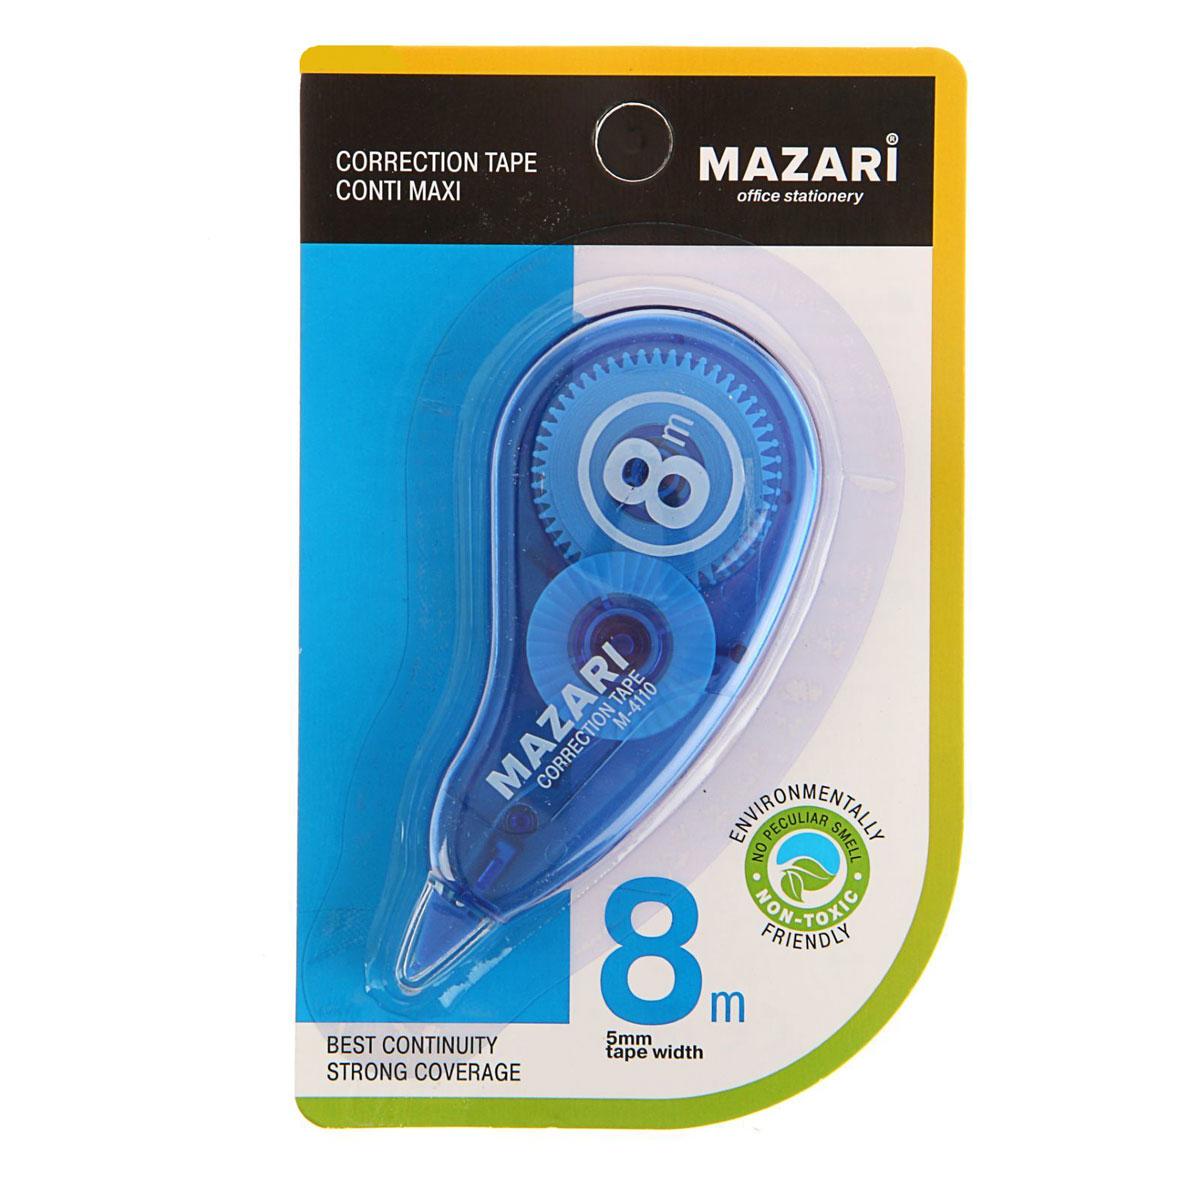 Mazari Корректирующая лента-роллер Conti Maxi 5 мм x 8000 мм цвет синийМ-4110_синийКорректирующая лента- роллер Mazari Conti Maxi предназначена для корректировки текста на любом виде бумаги.Имеет эргономичный корпус, высокую укрывистость. Не имеет запаха.